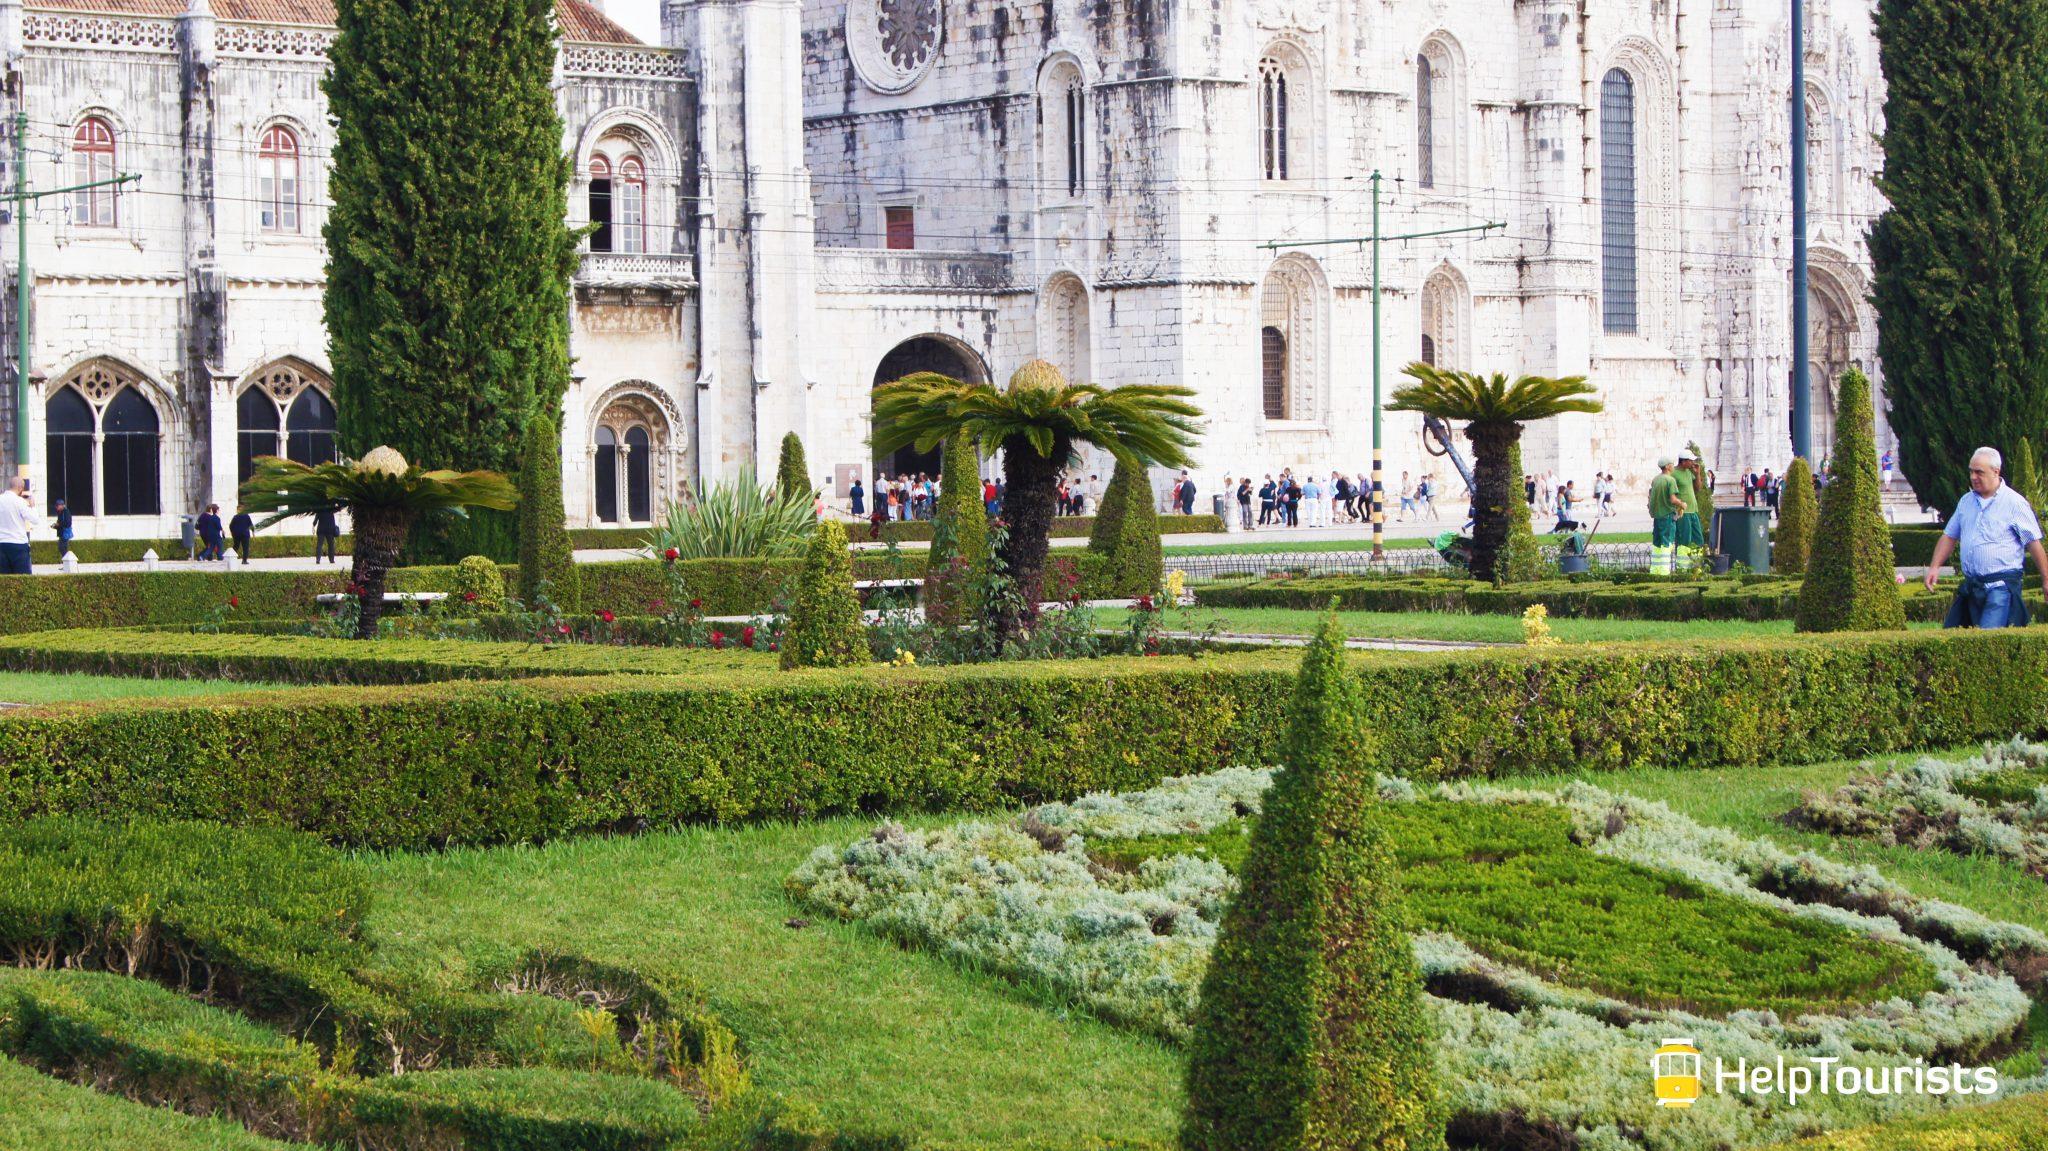 LISSABON_Mosteiro-do-Jeronimos_Park_l